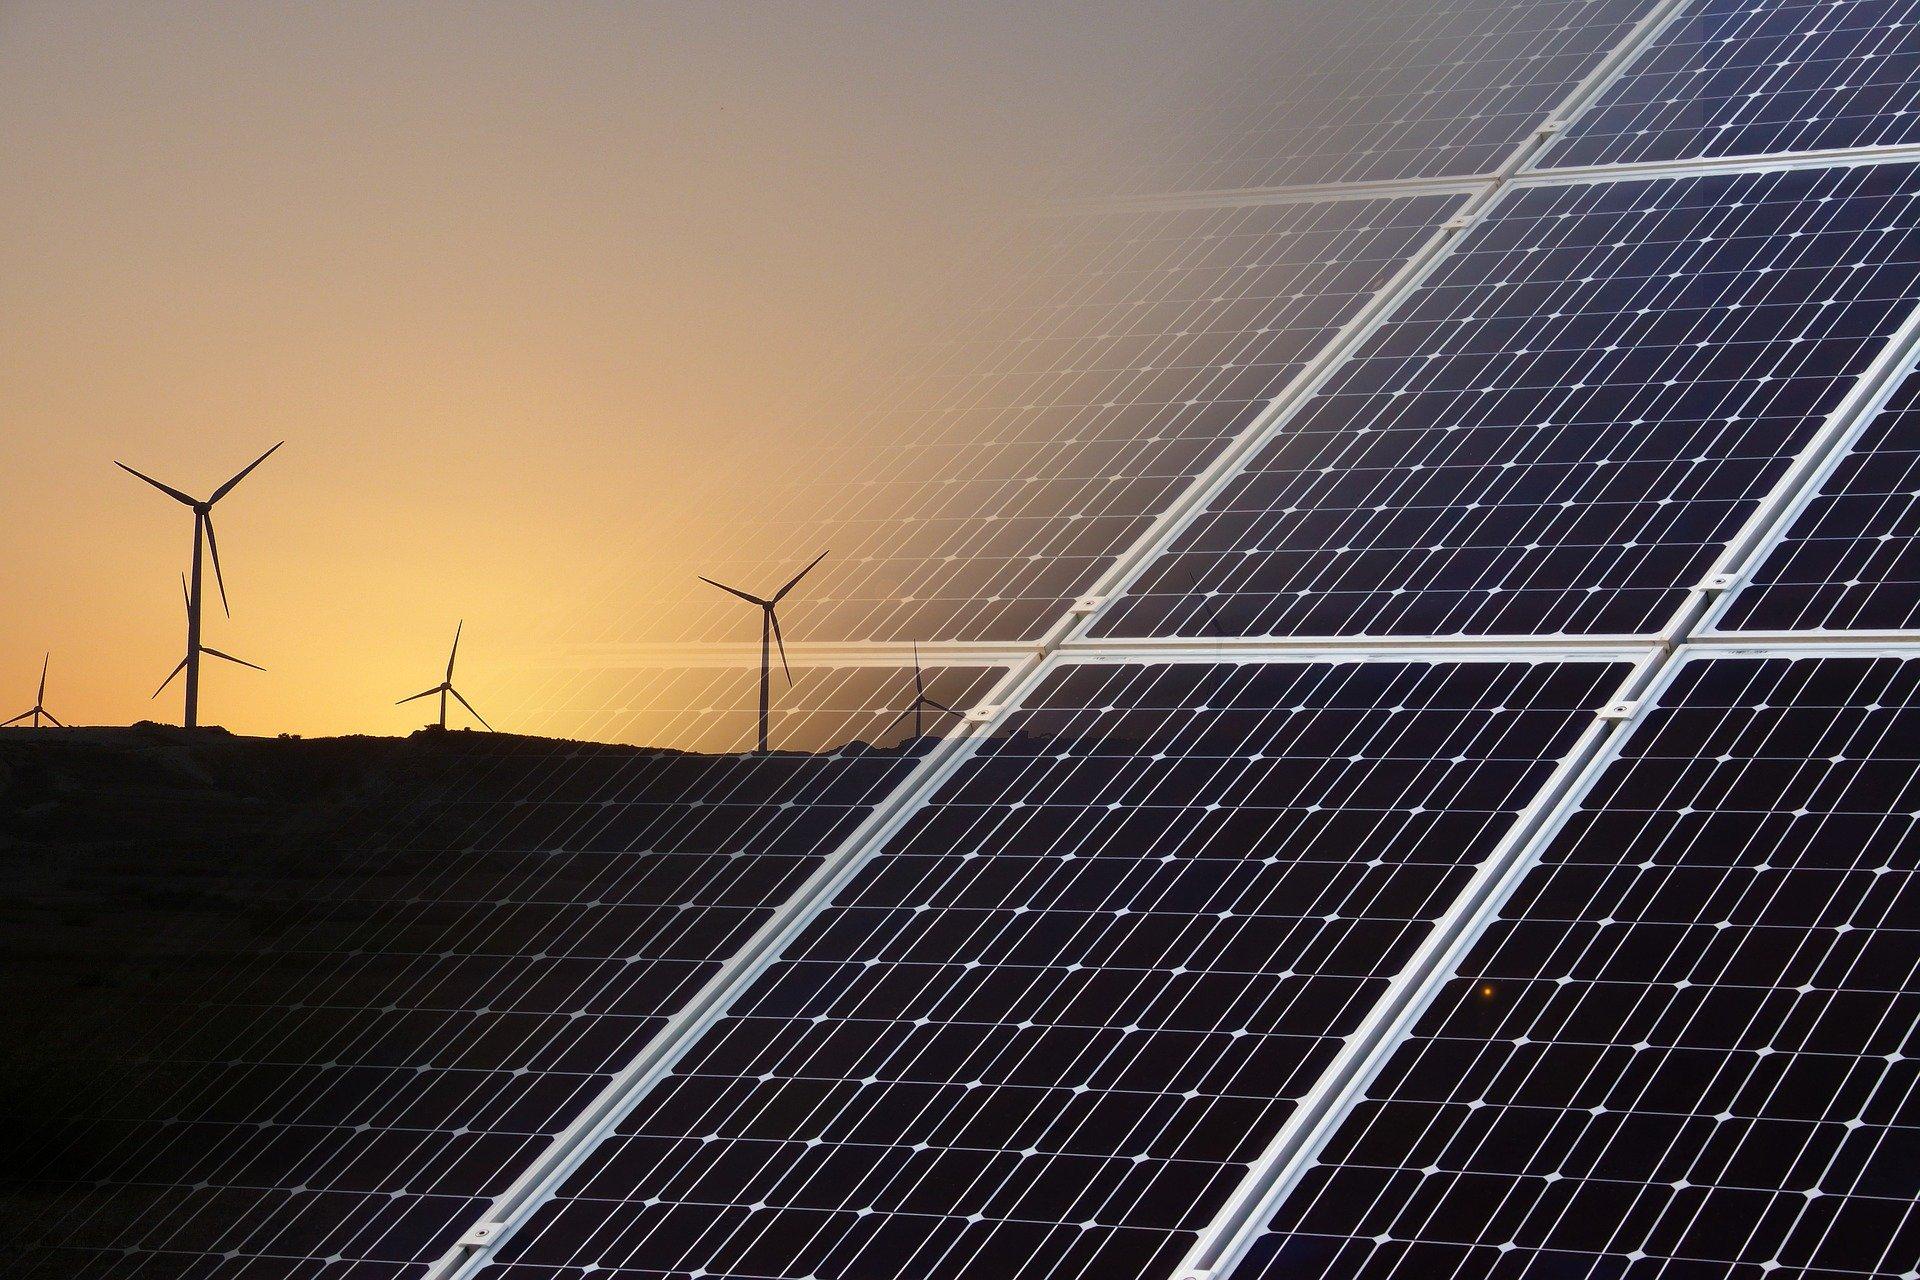 Nyilvánosak a 2020. decemberi energiastatisztikai adatok